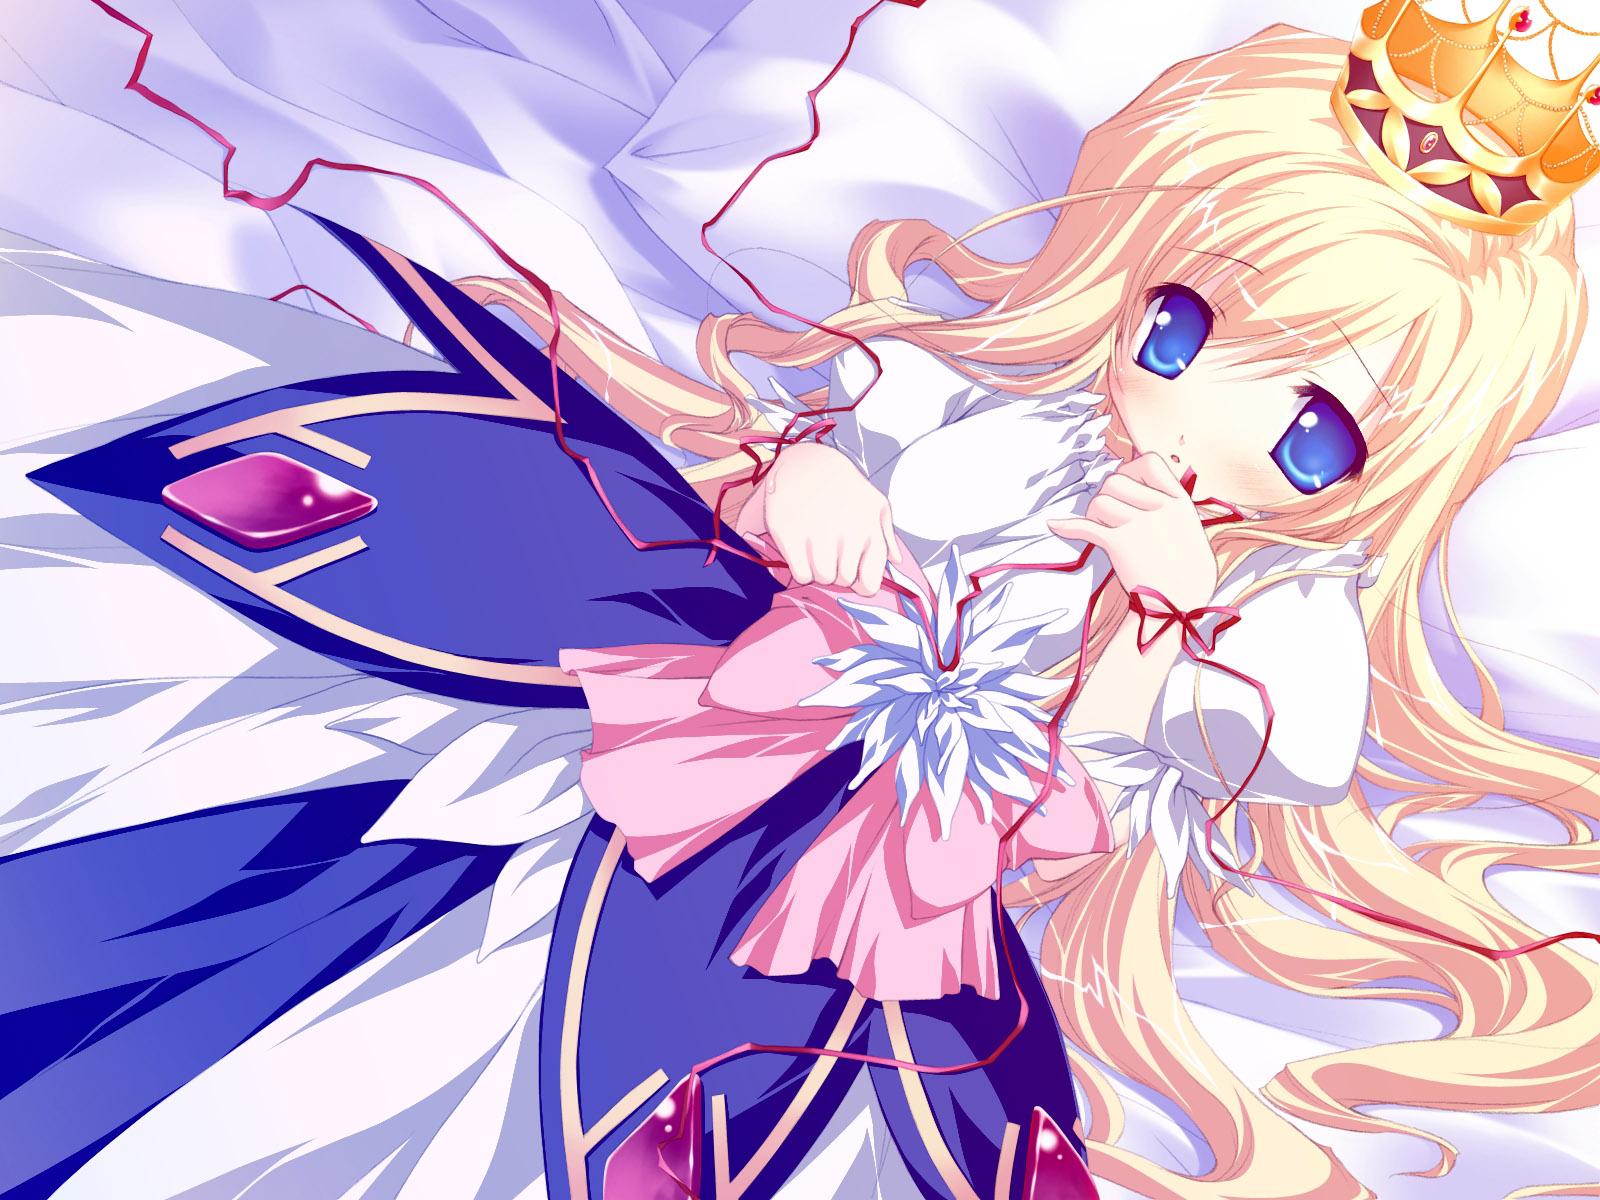 动漫人物 金色长发蓝色眼睛的公主